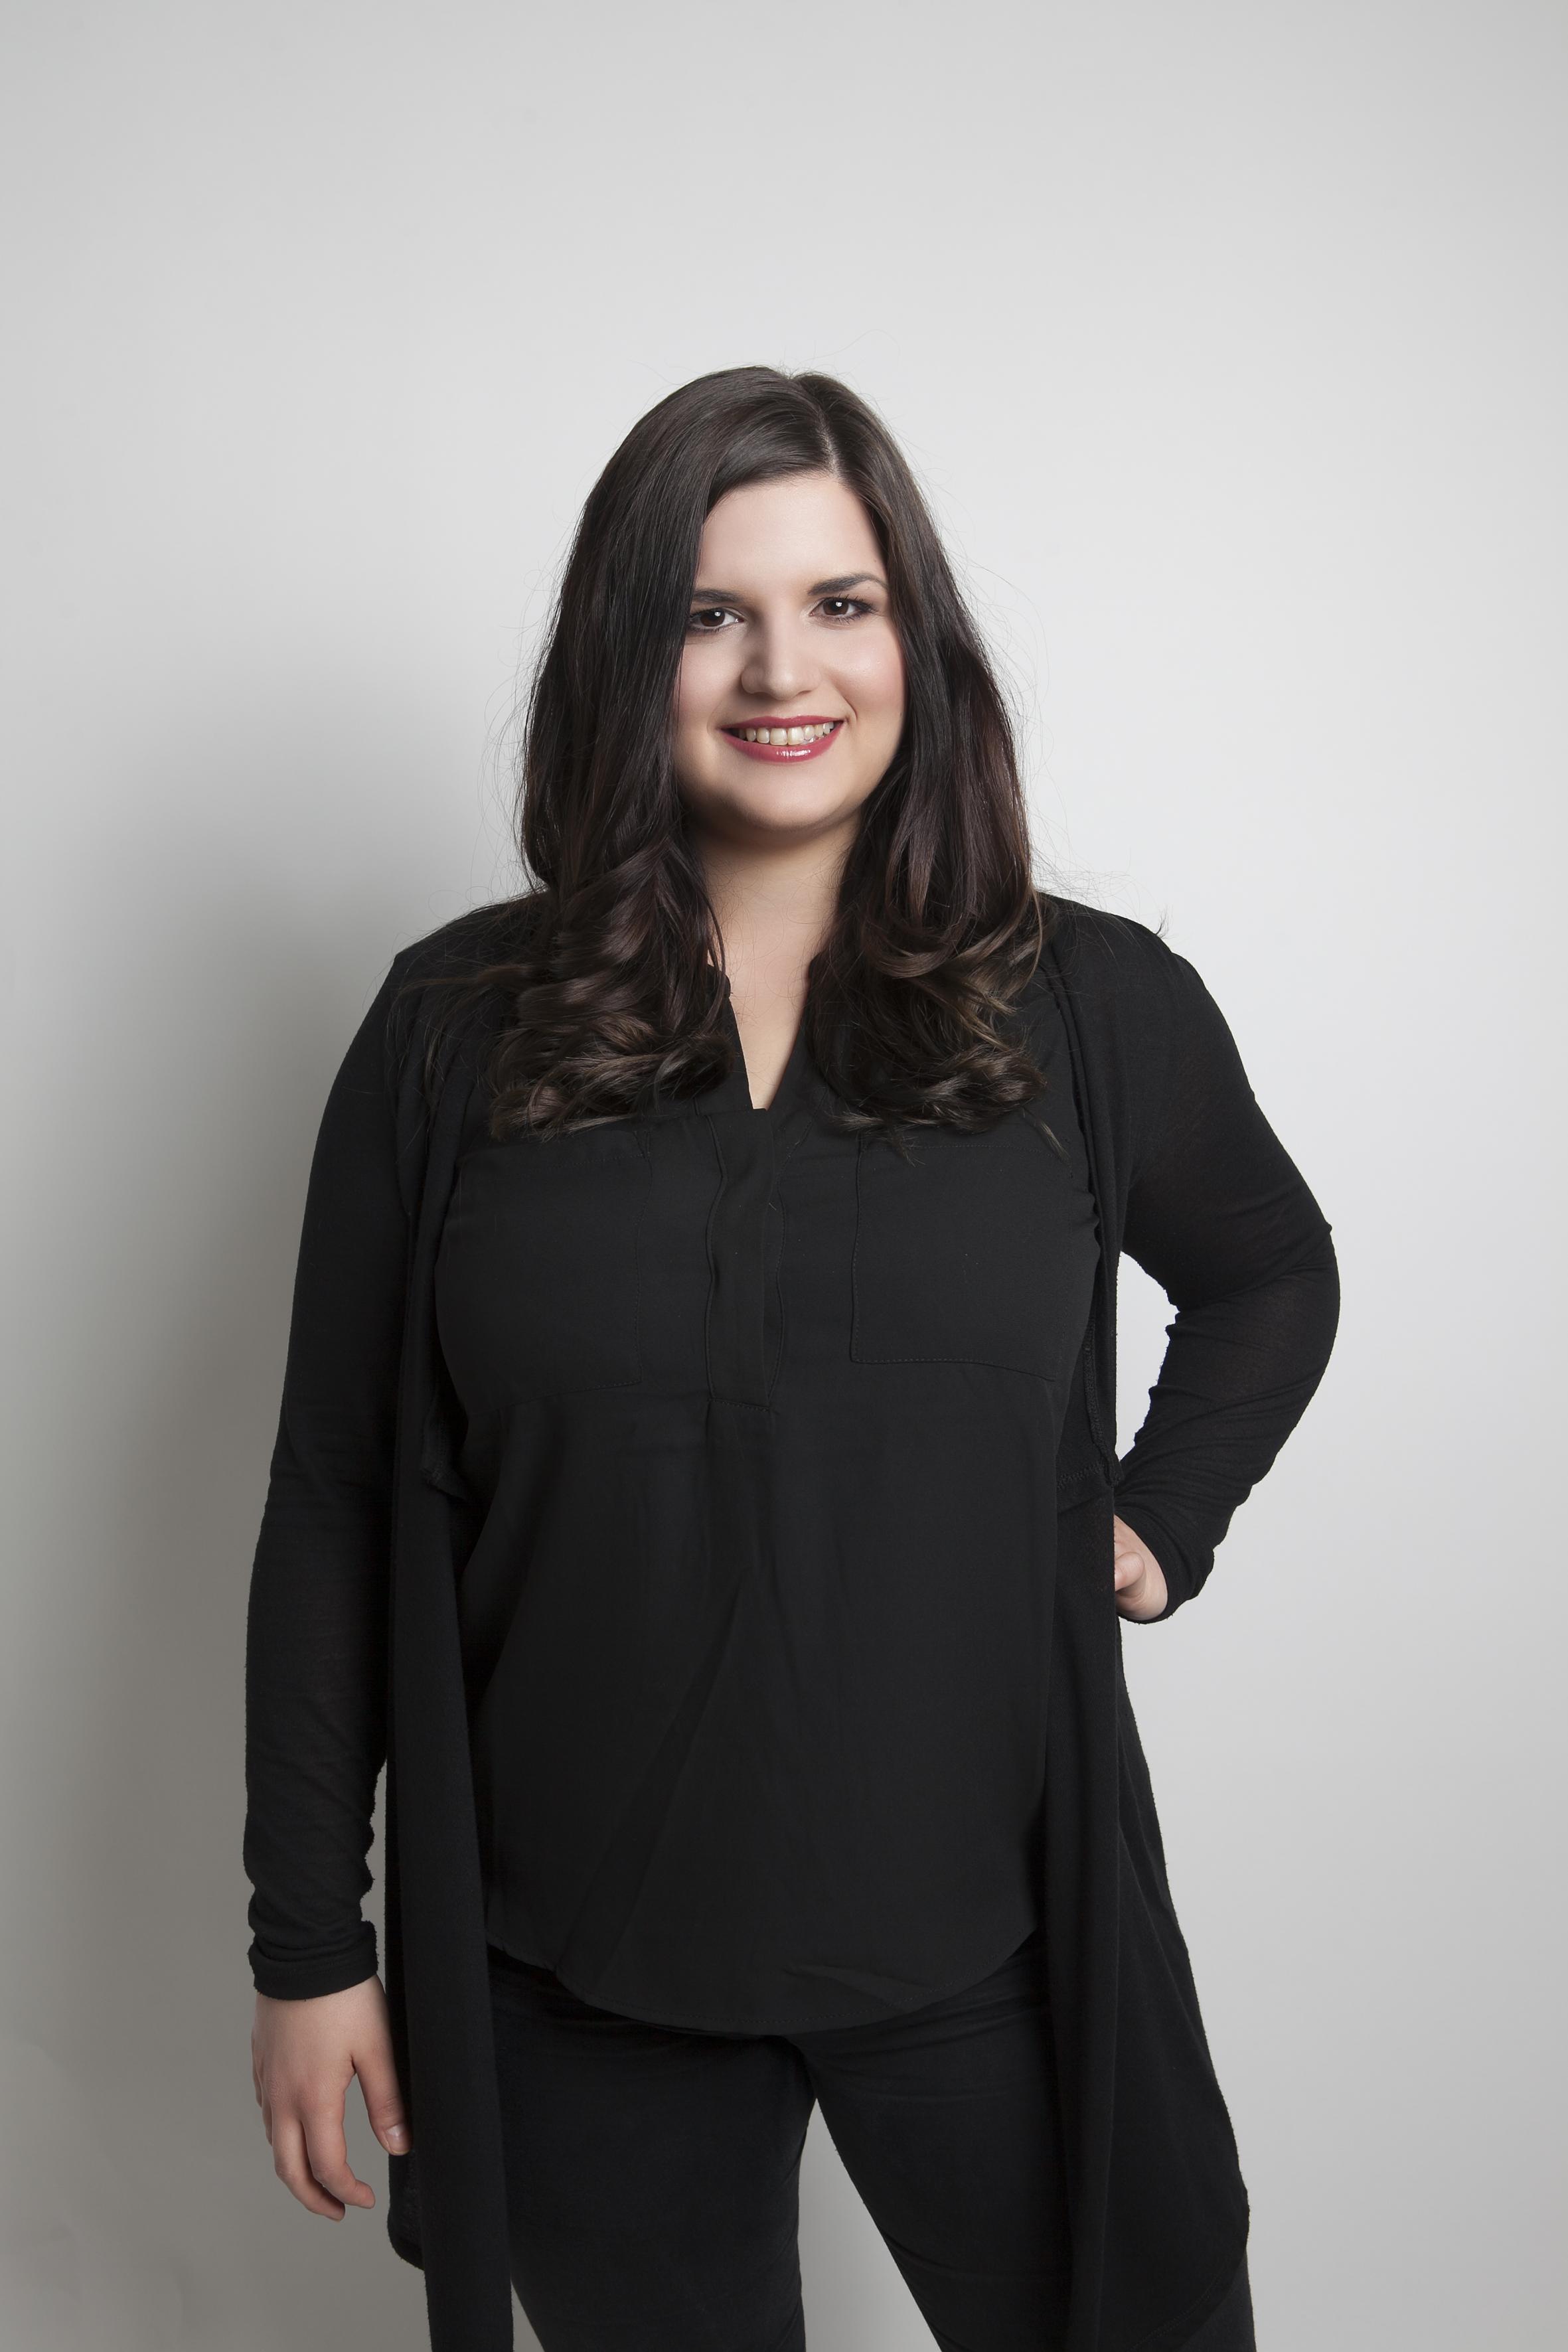 Nadine Fibi